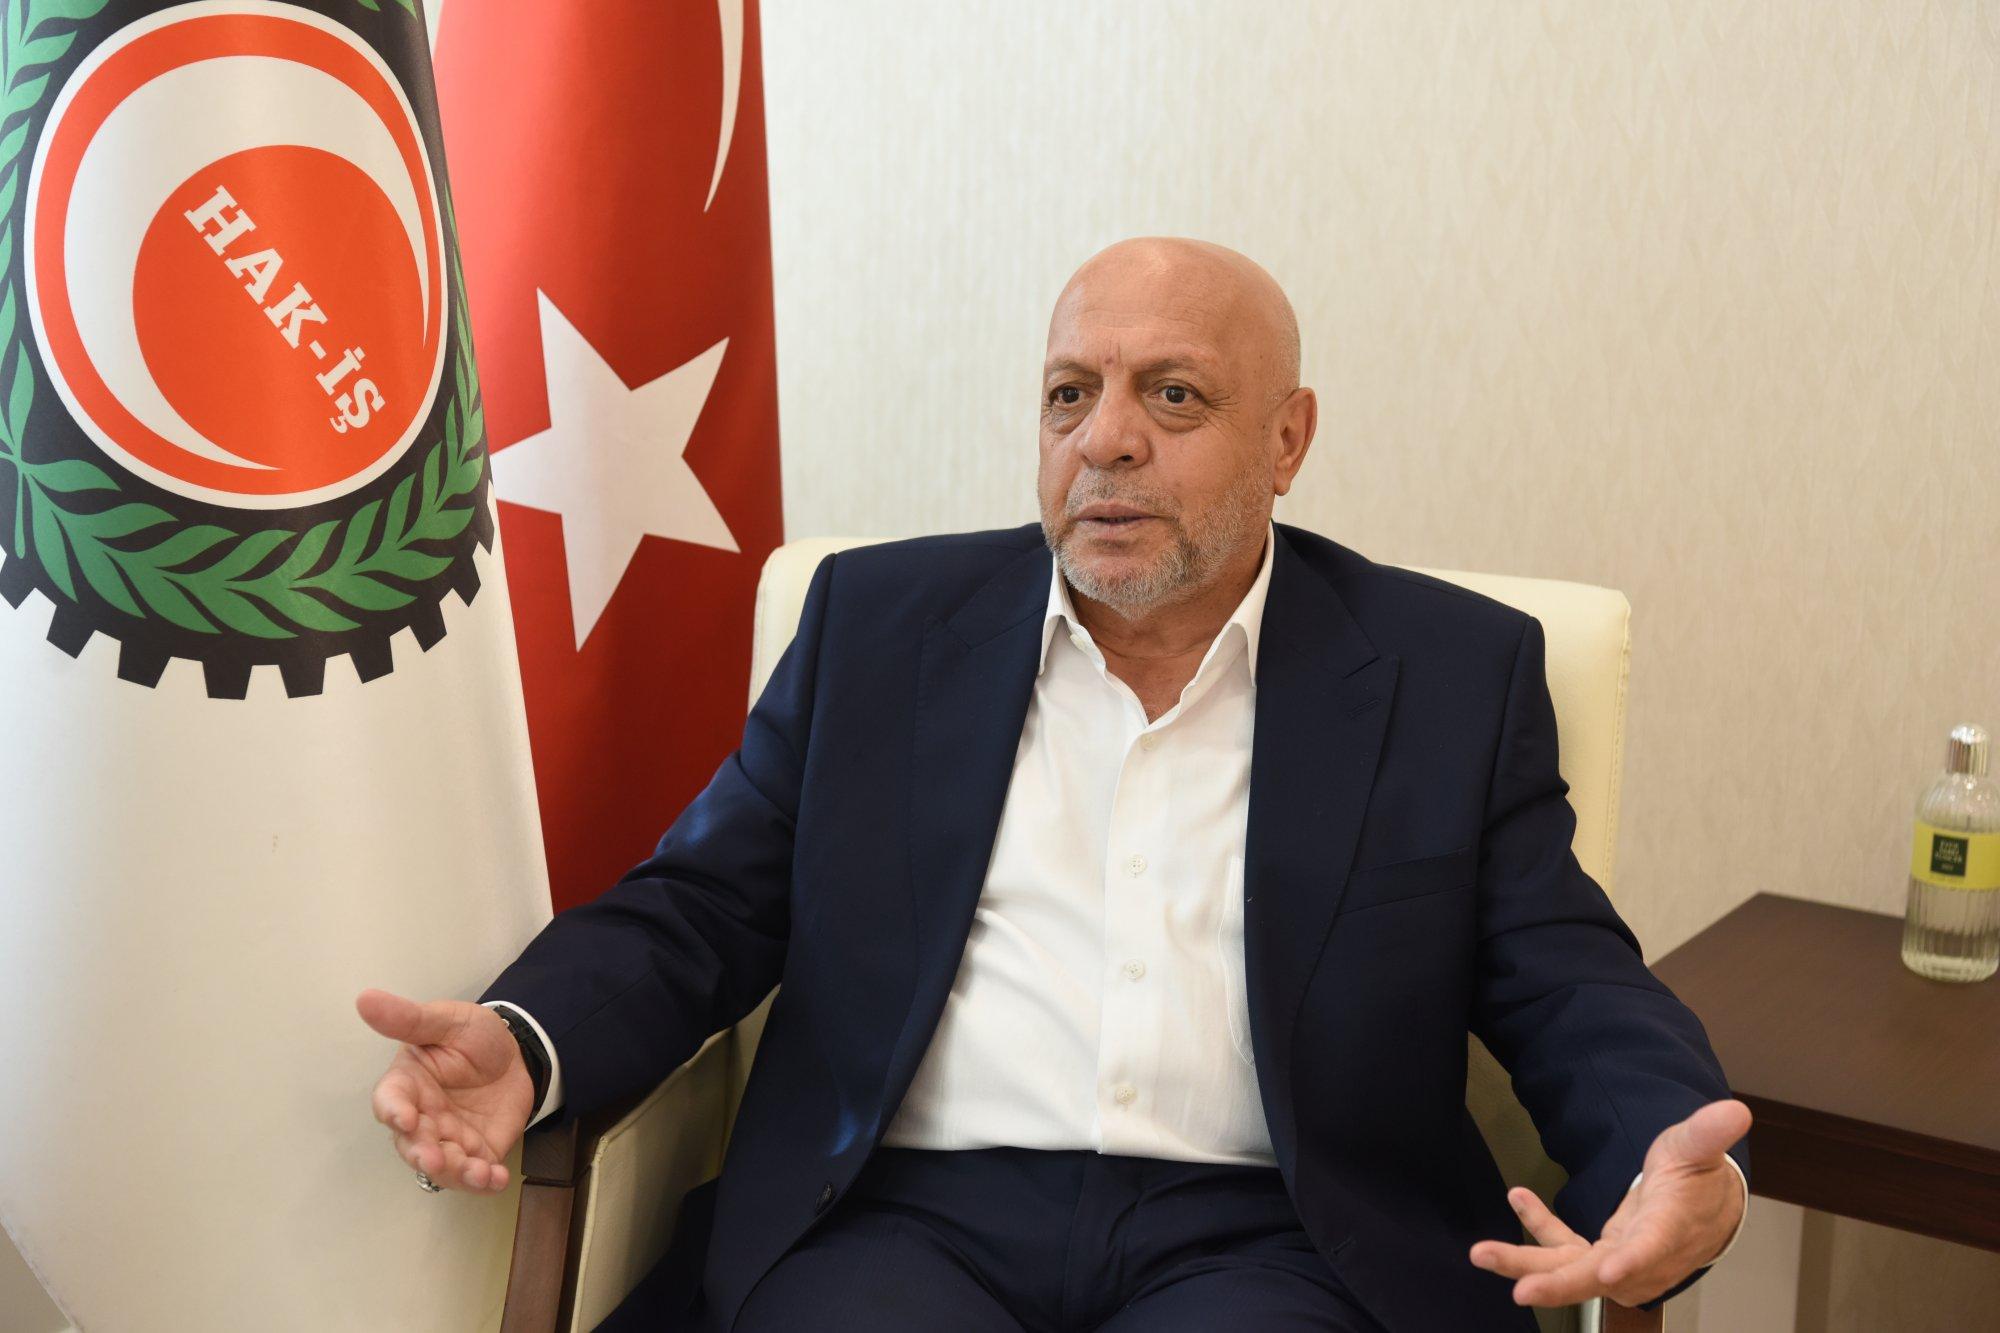 ARSLAN KORONAVİRÜS'ÜN ÇALIŞMA HAYATINA ETKİLERİNİ DEĞERLENDİRDİ